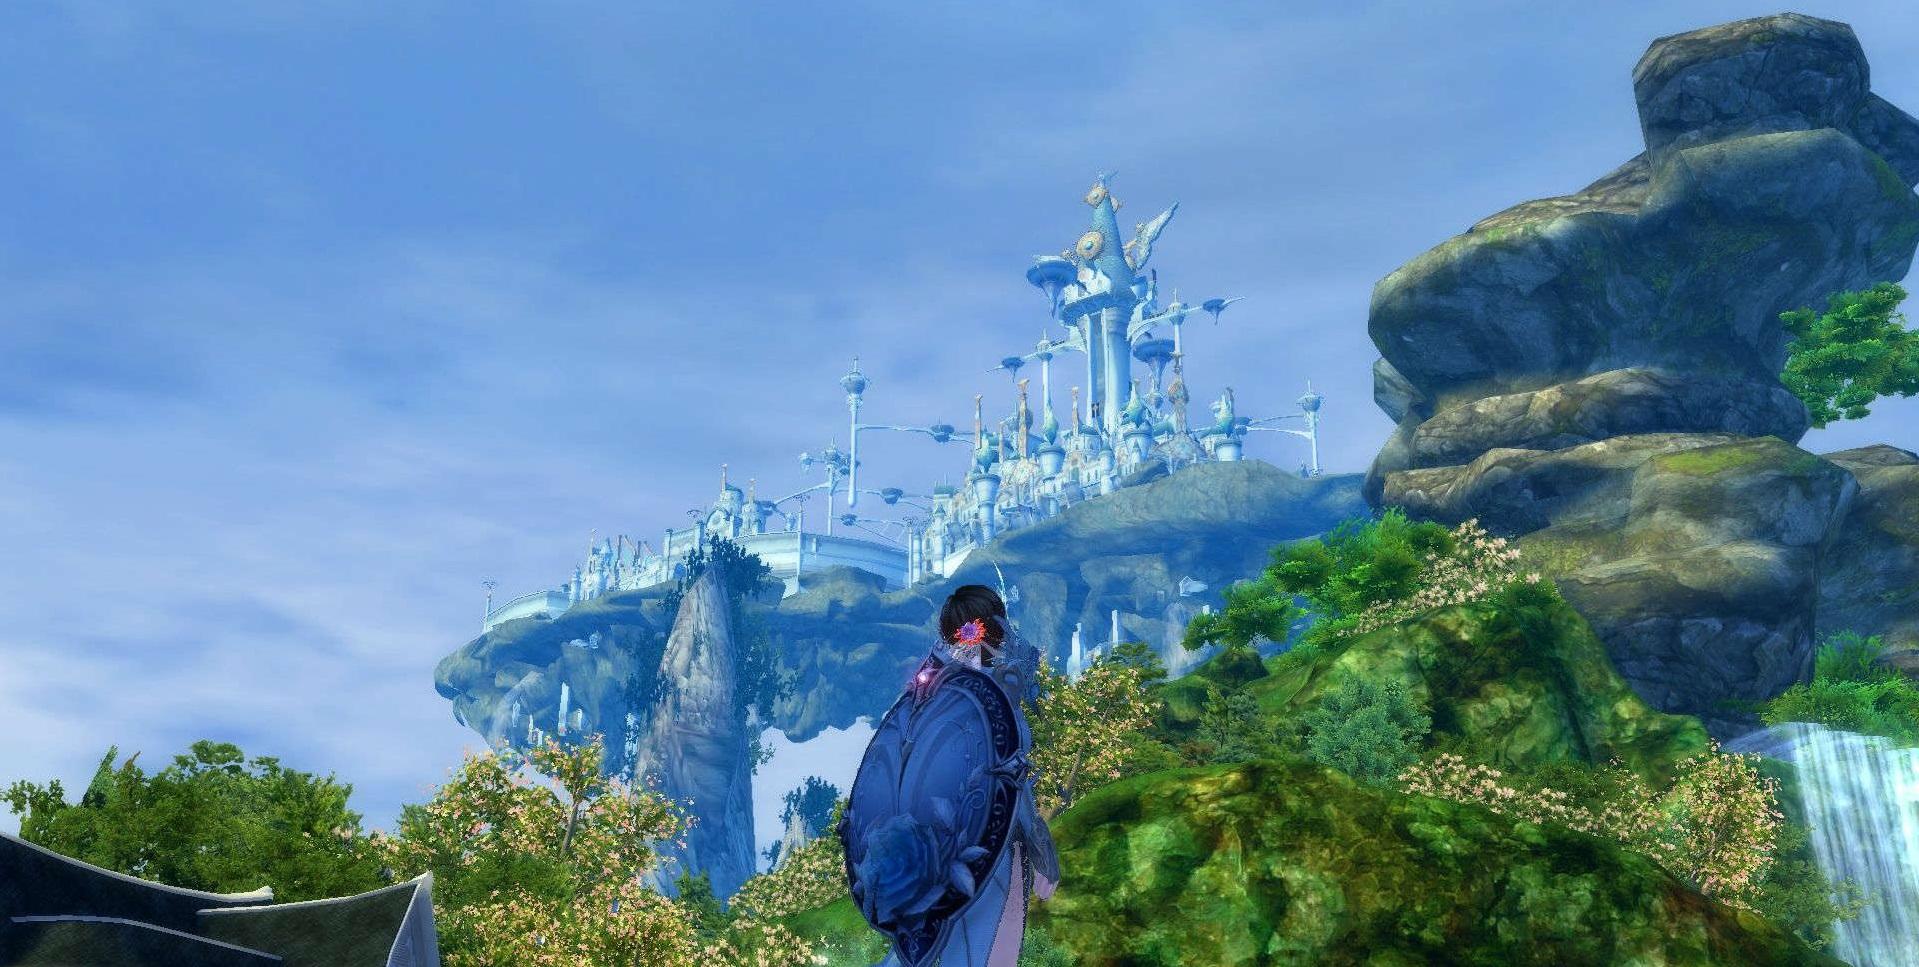 永恒之塔风景展 仰望神圣之地极乐世界